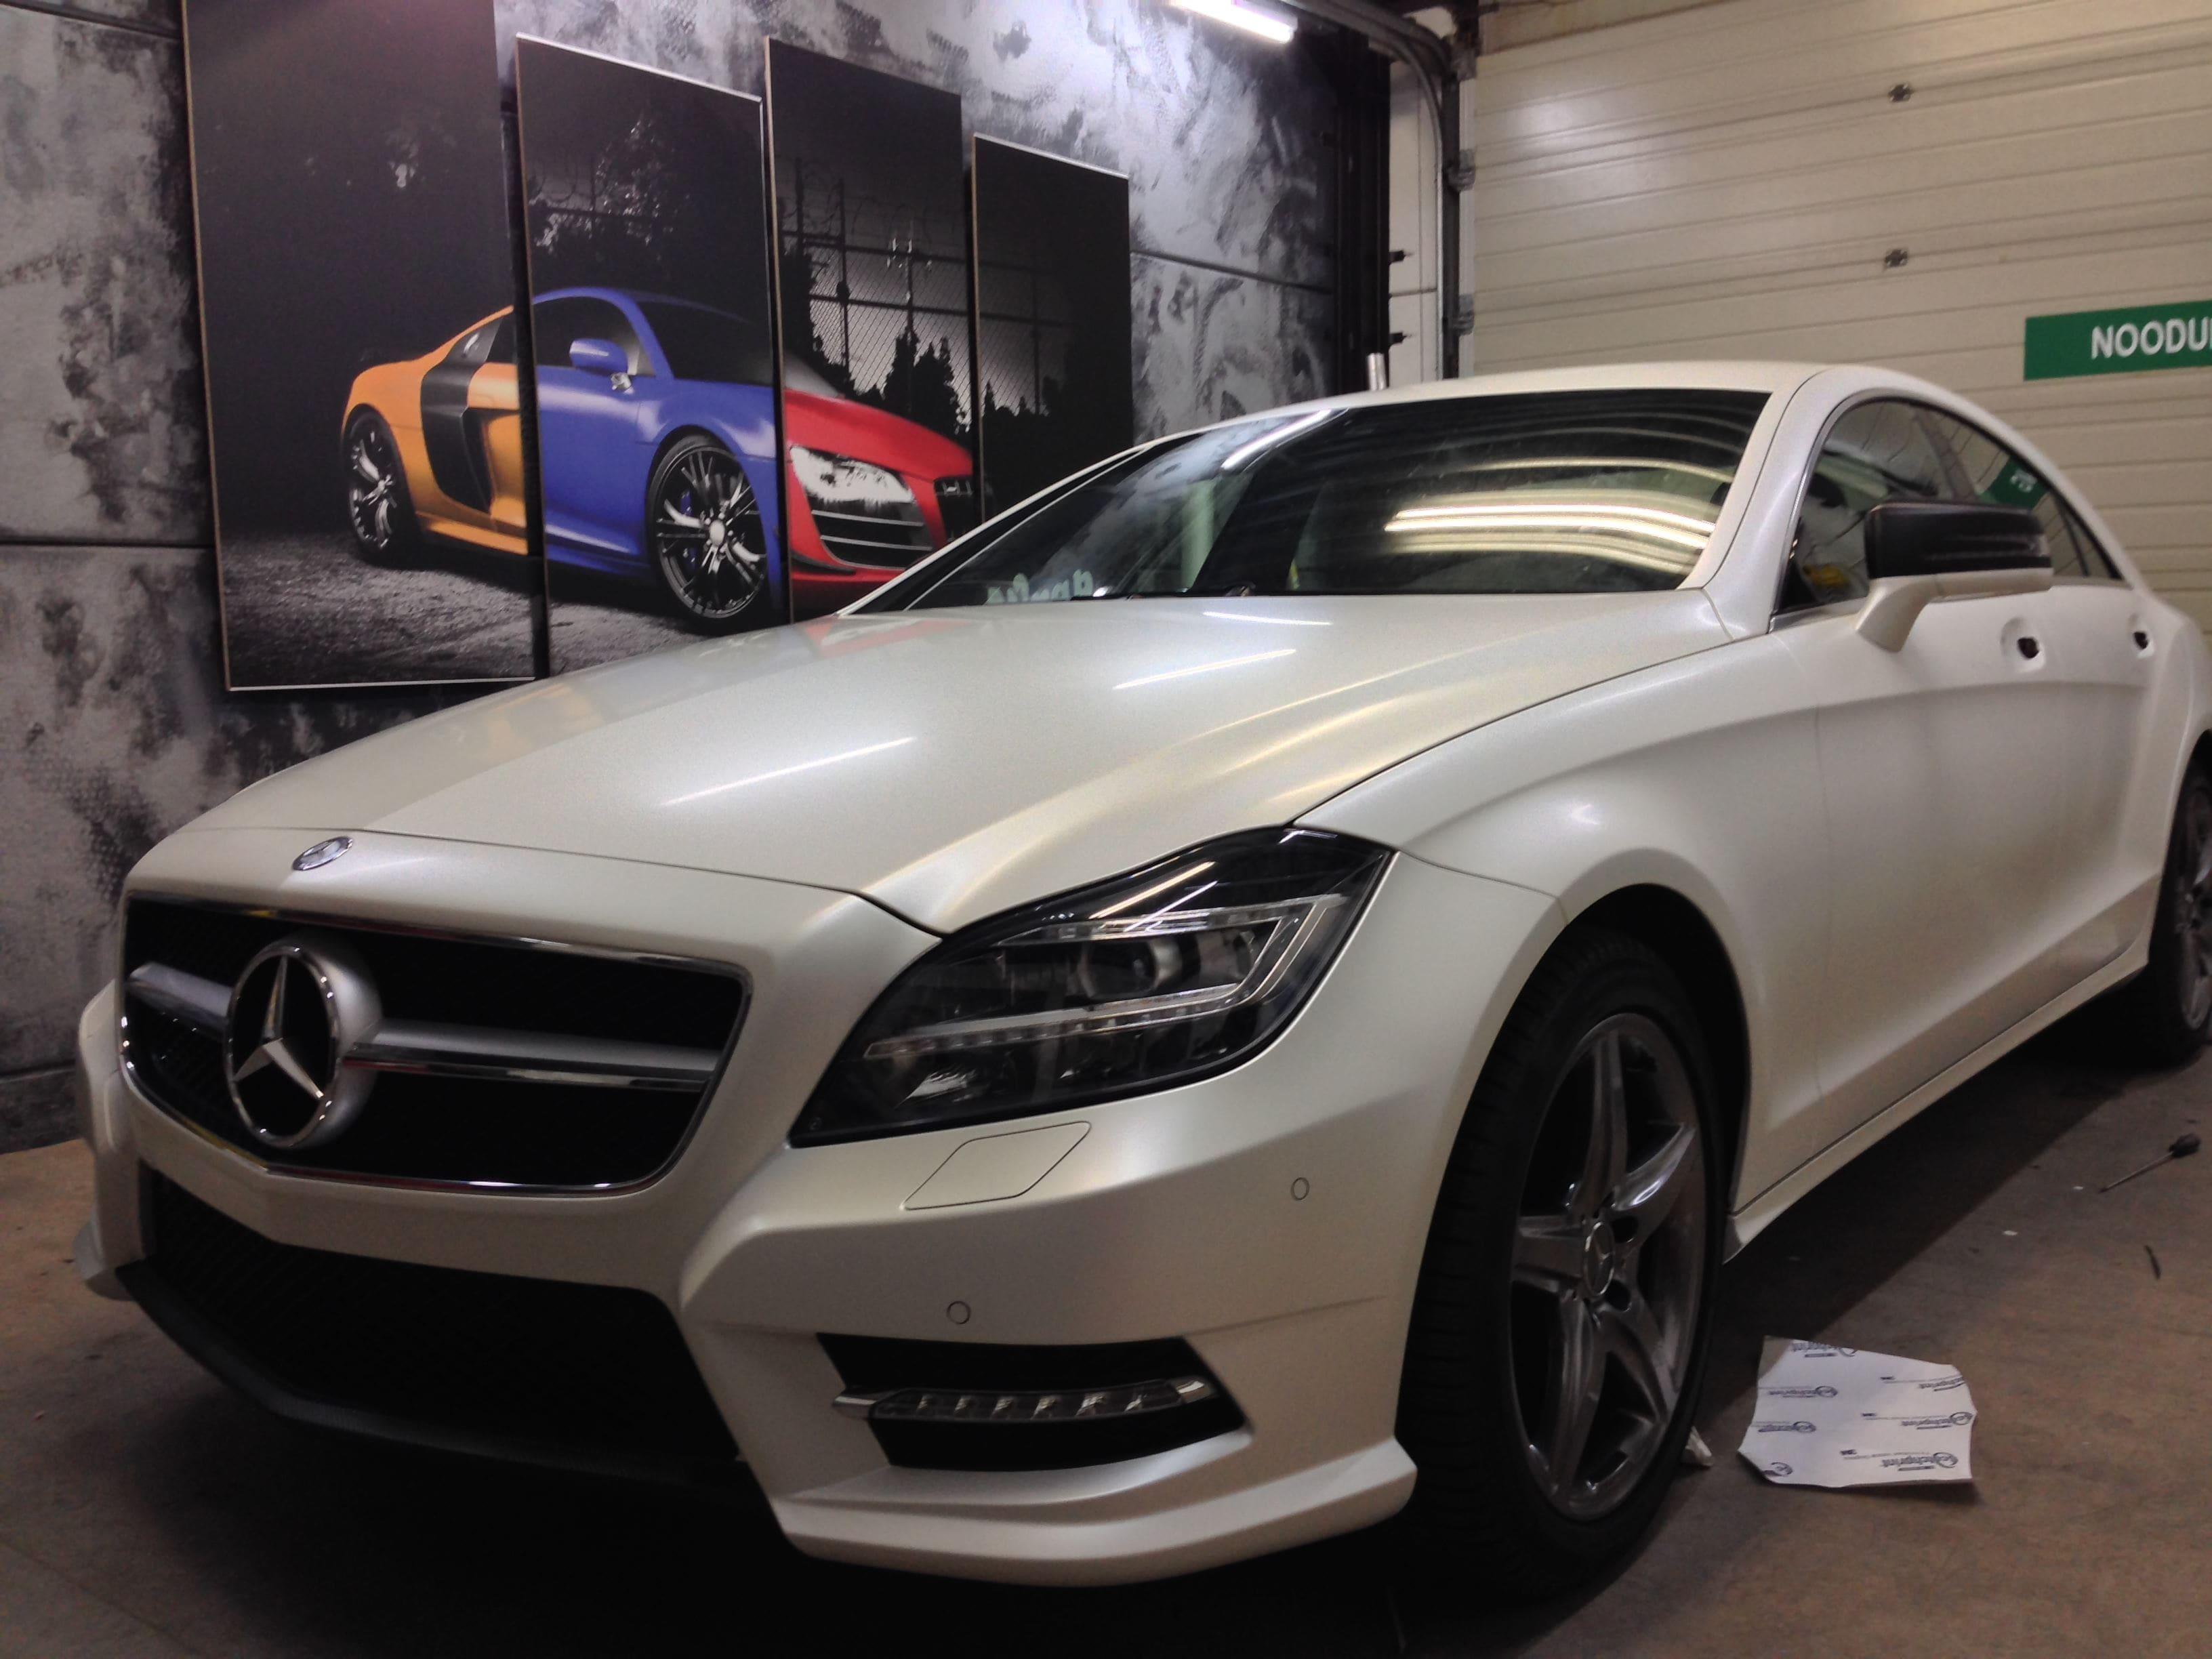 Mercedes CLS met White Satin Pearl Wrap, Carwrapping door Wrapmyride.nu Foto-nr:6197, ©2021